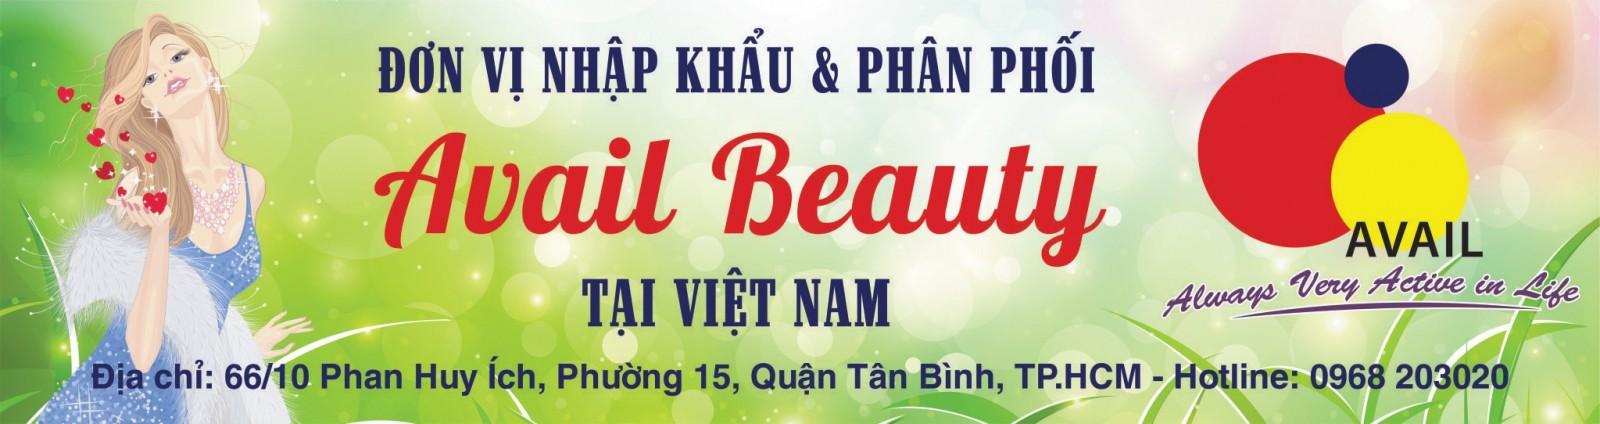 Avail Beauty